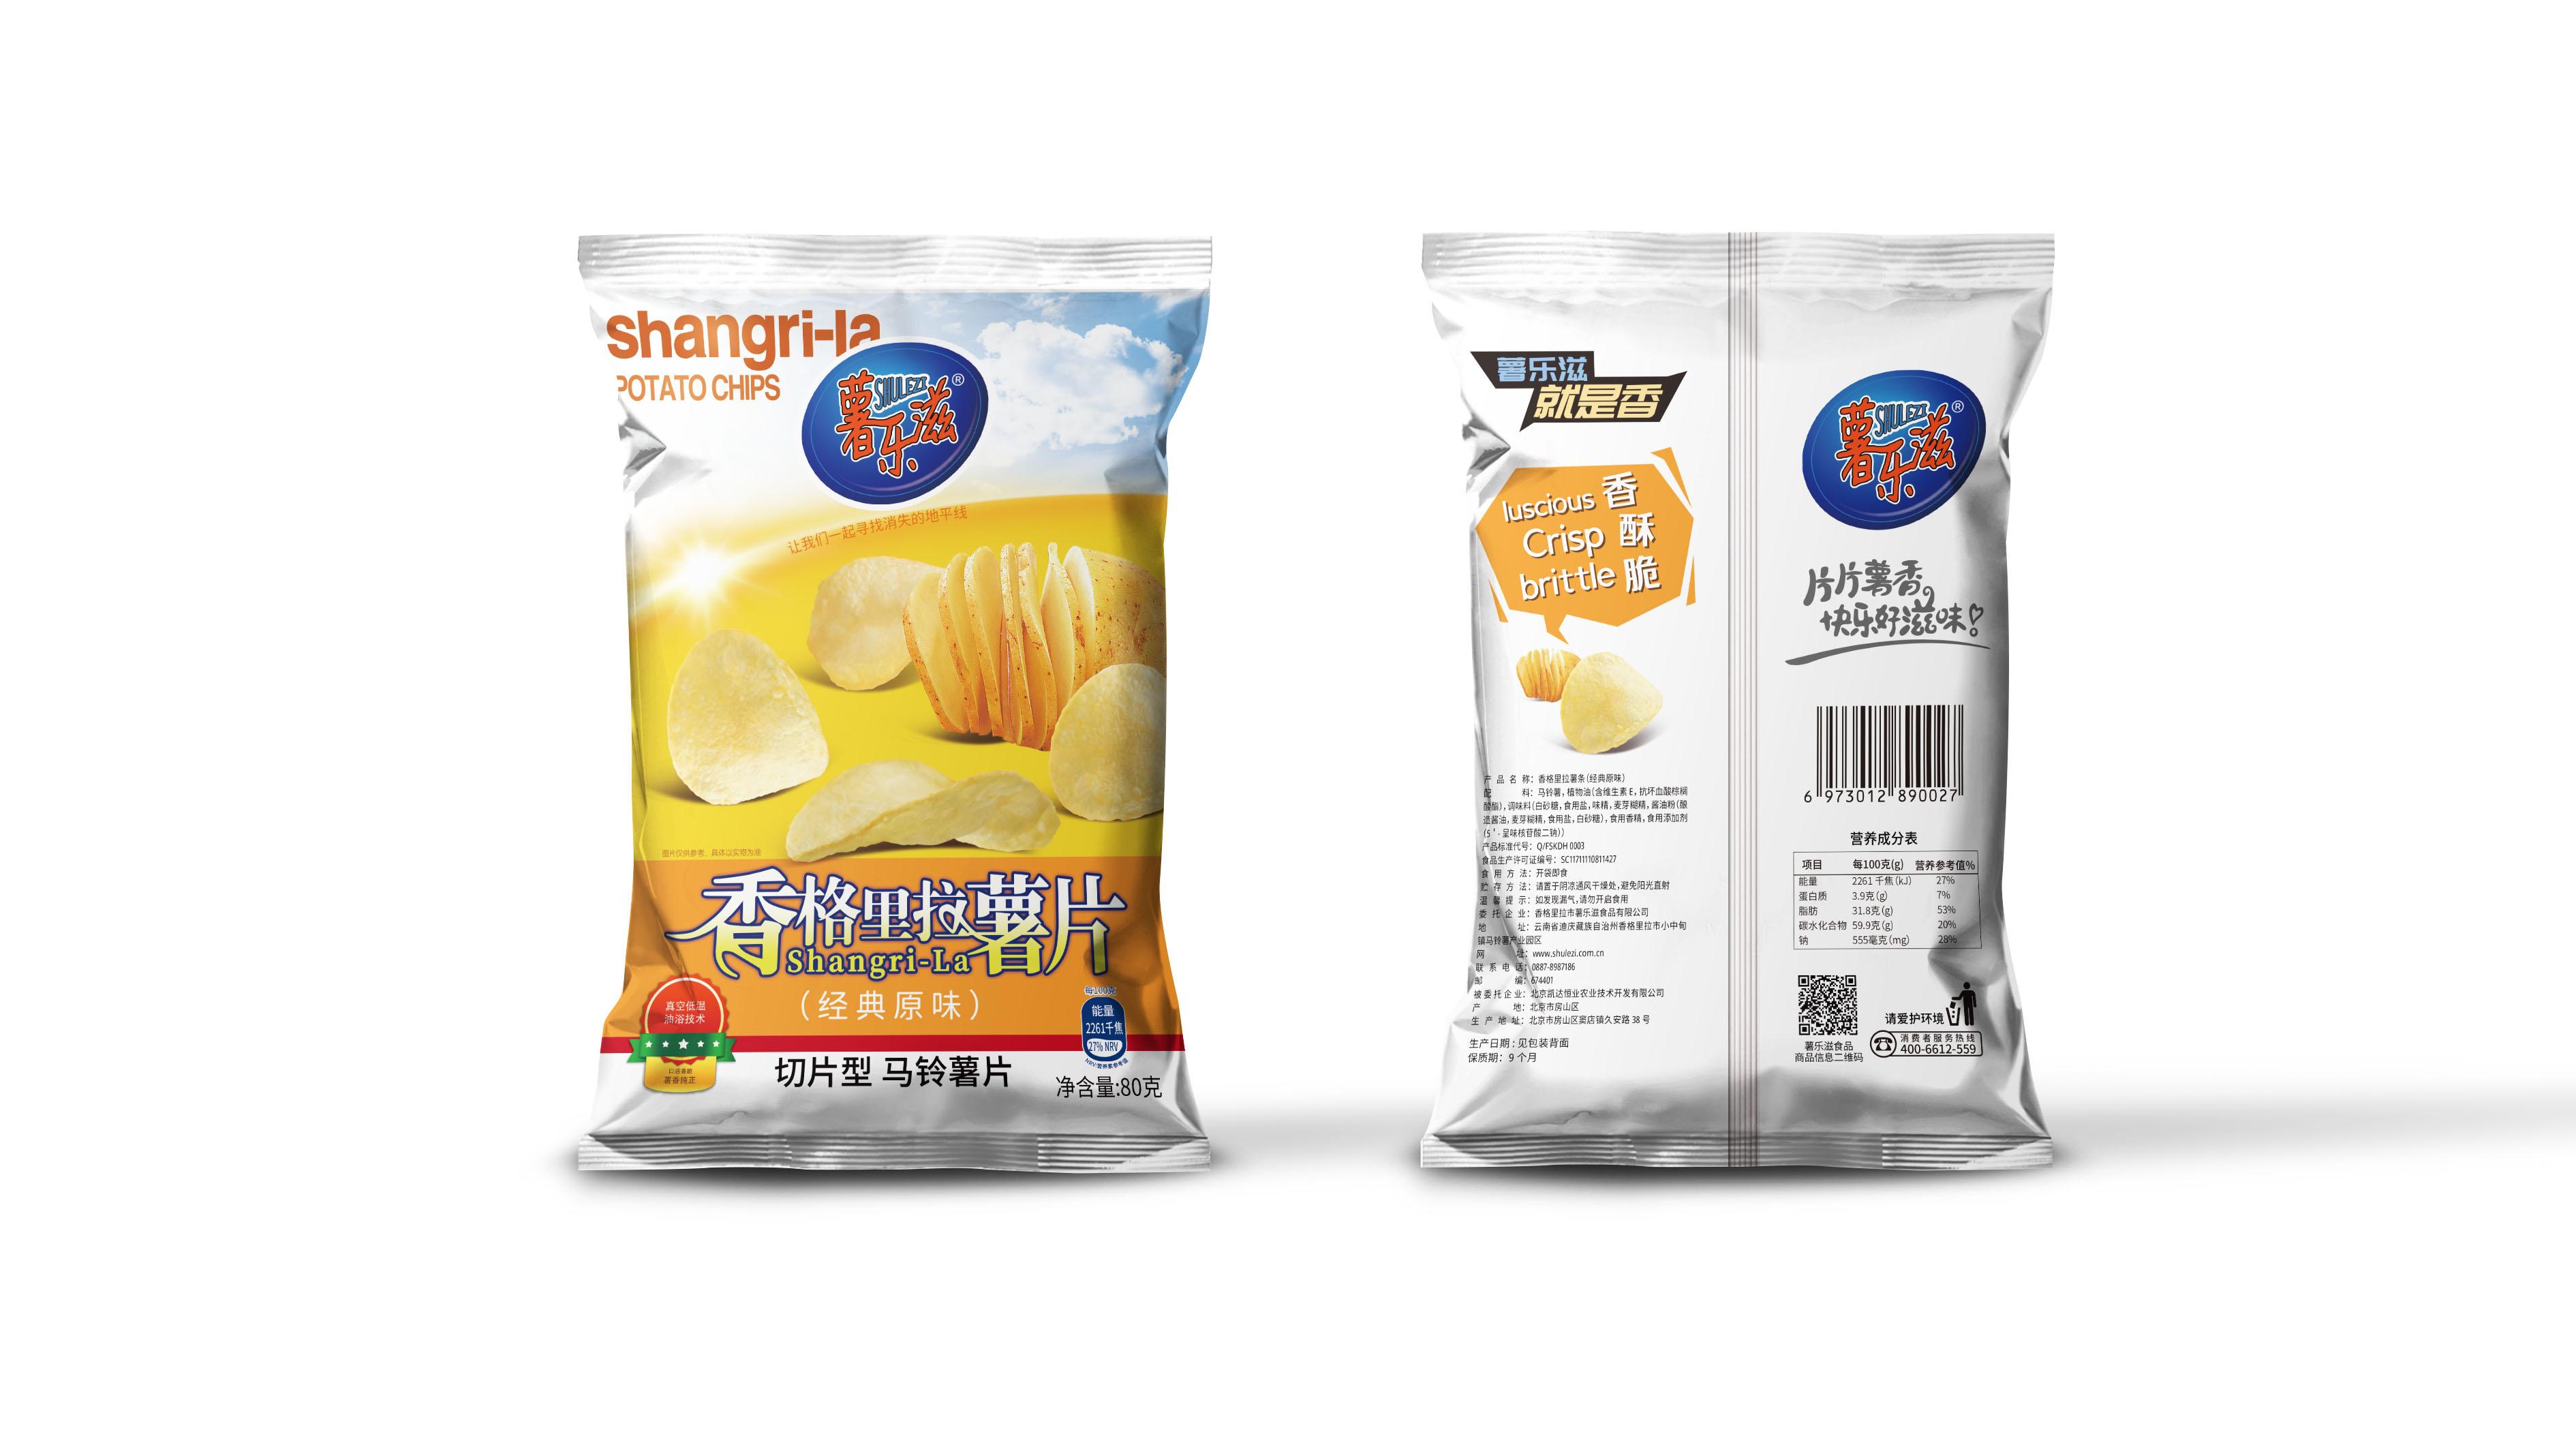 薯乐滋薯片品牌包装延展